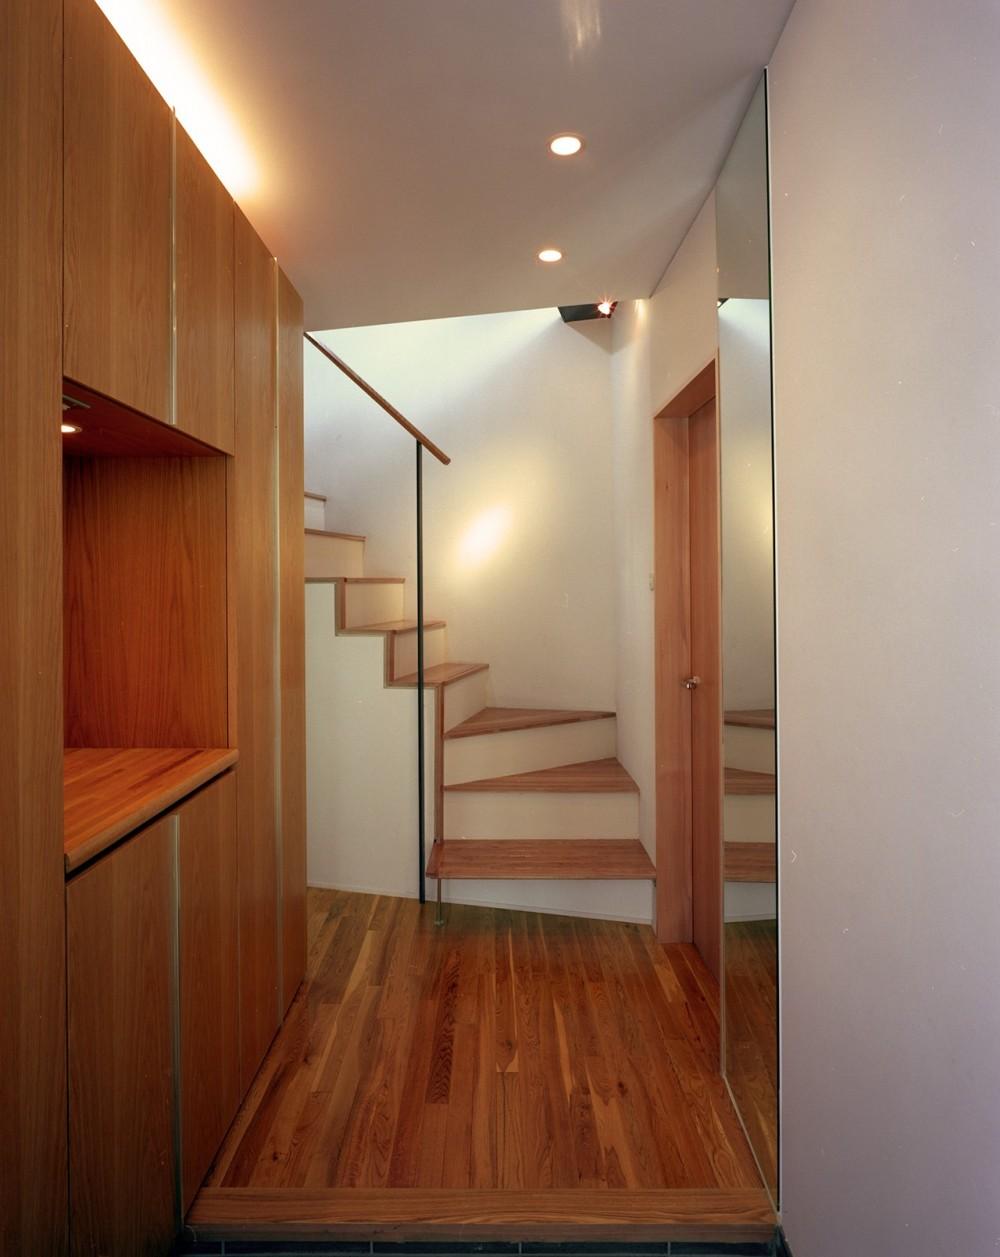 【スキップテラスの家】  テラスの段差が生み出す、外部空間の変化 (玄関・階段)